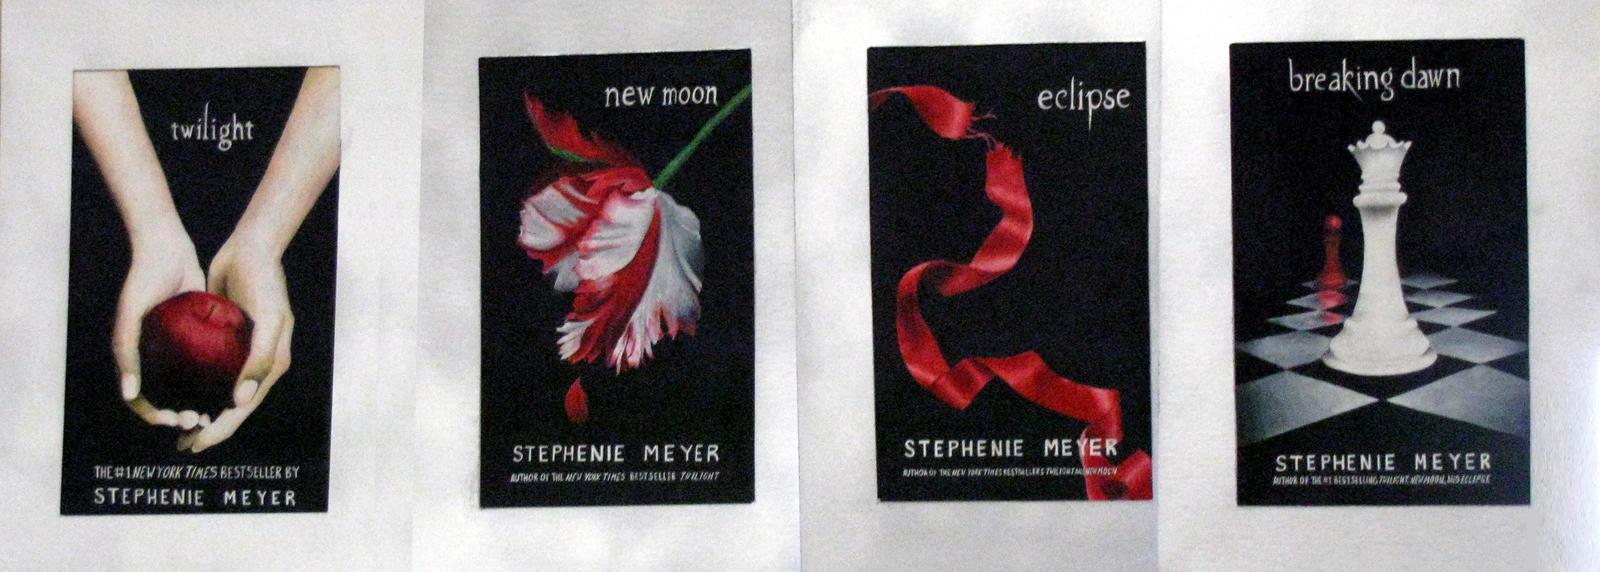 Twilight Saga Books Twilight Saga Covers